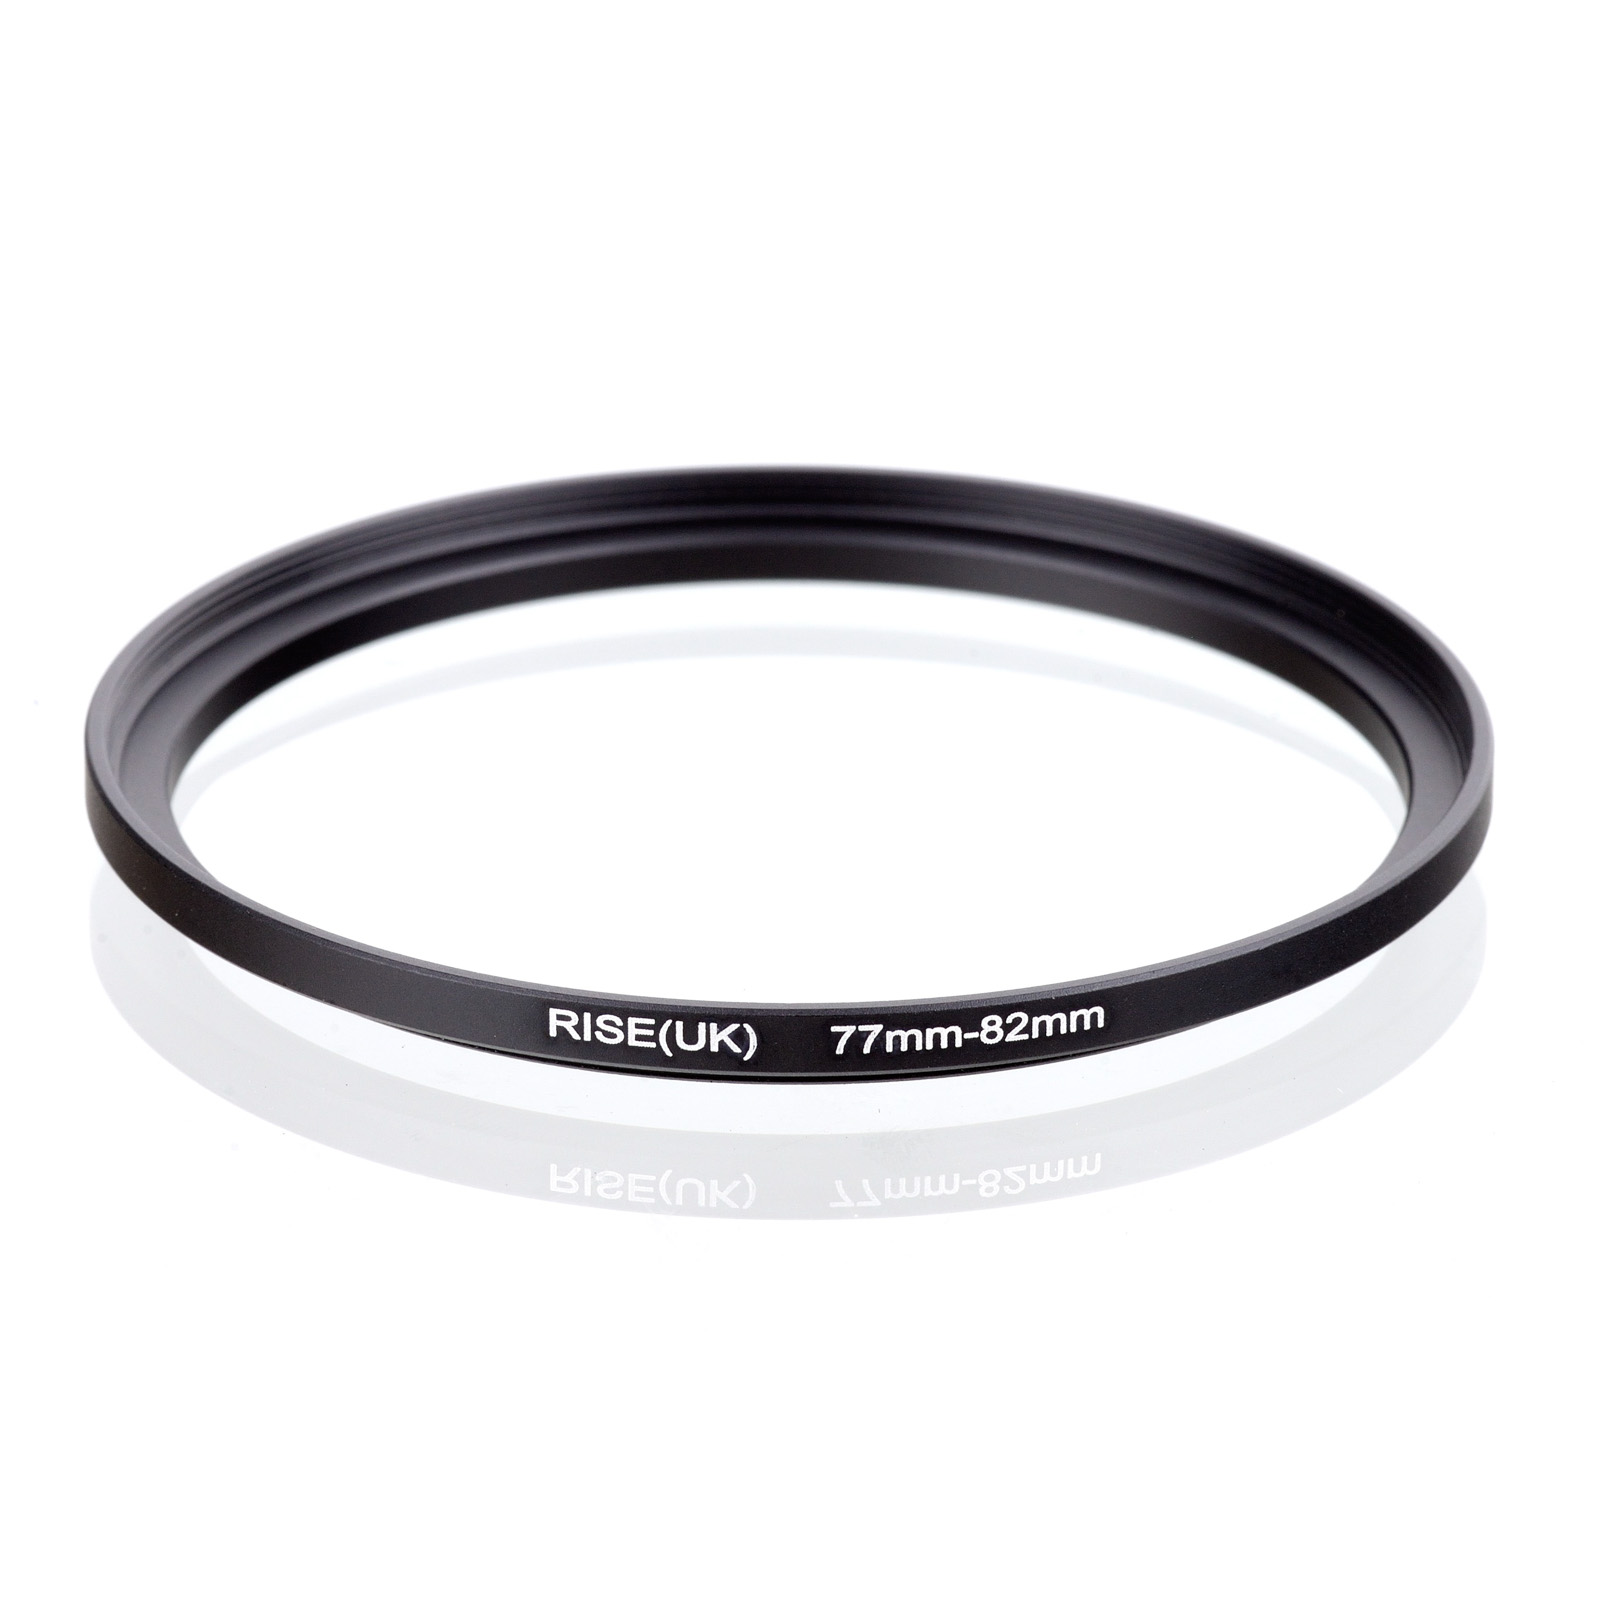 优质金属滤镜转接环 小转大 顺接环 77mm-82mm转接圈